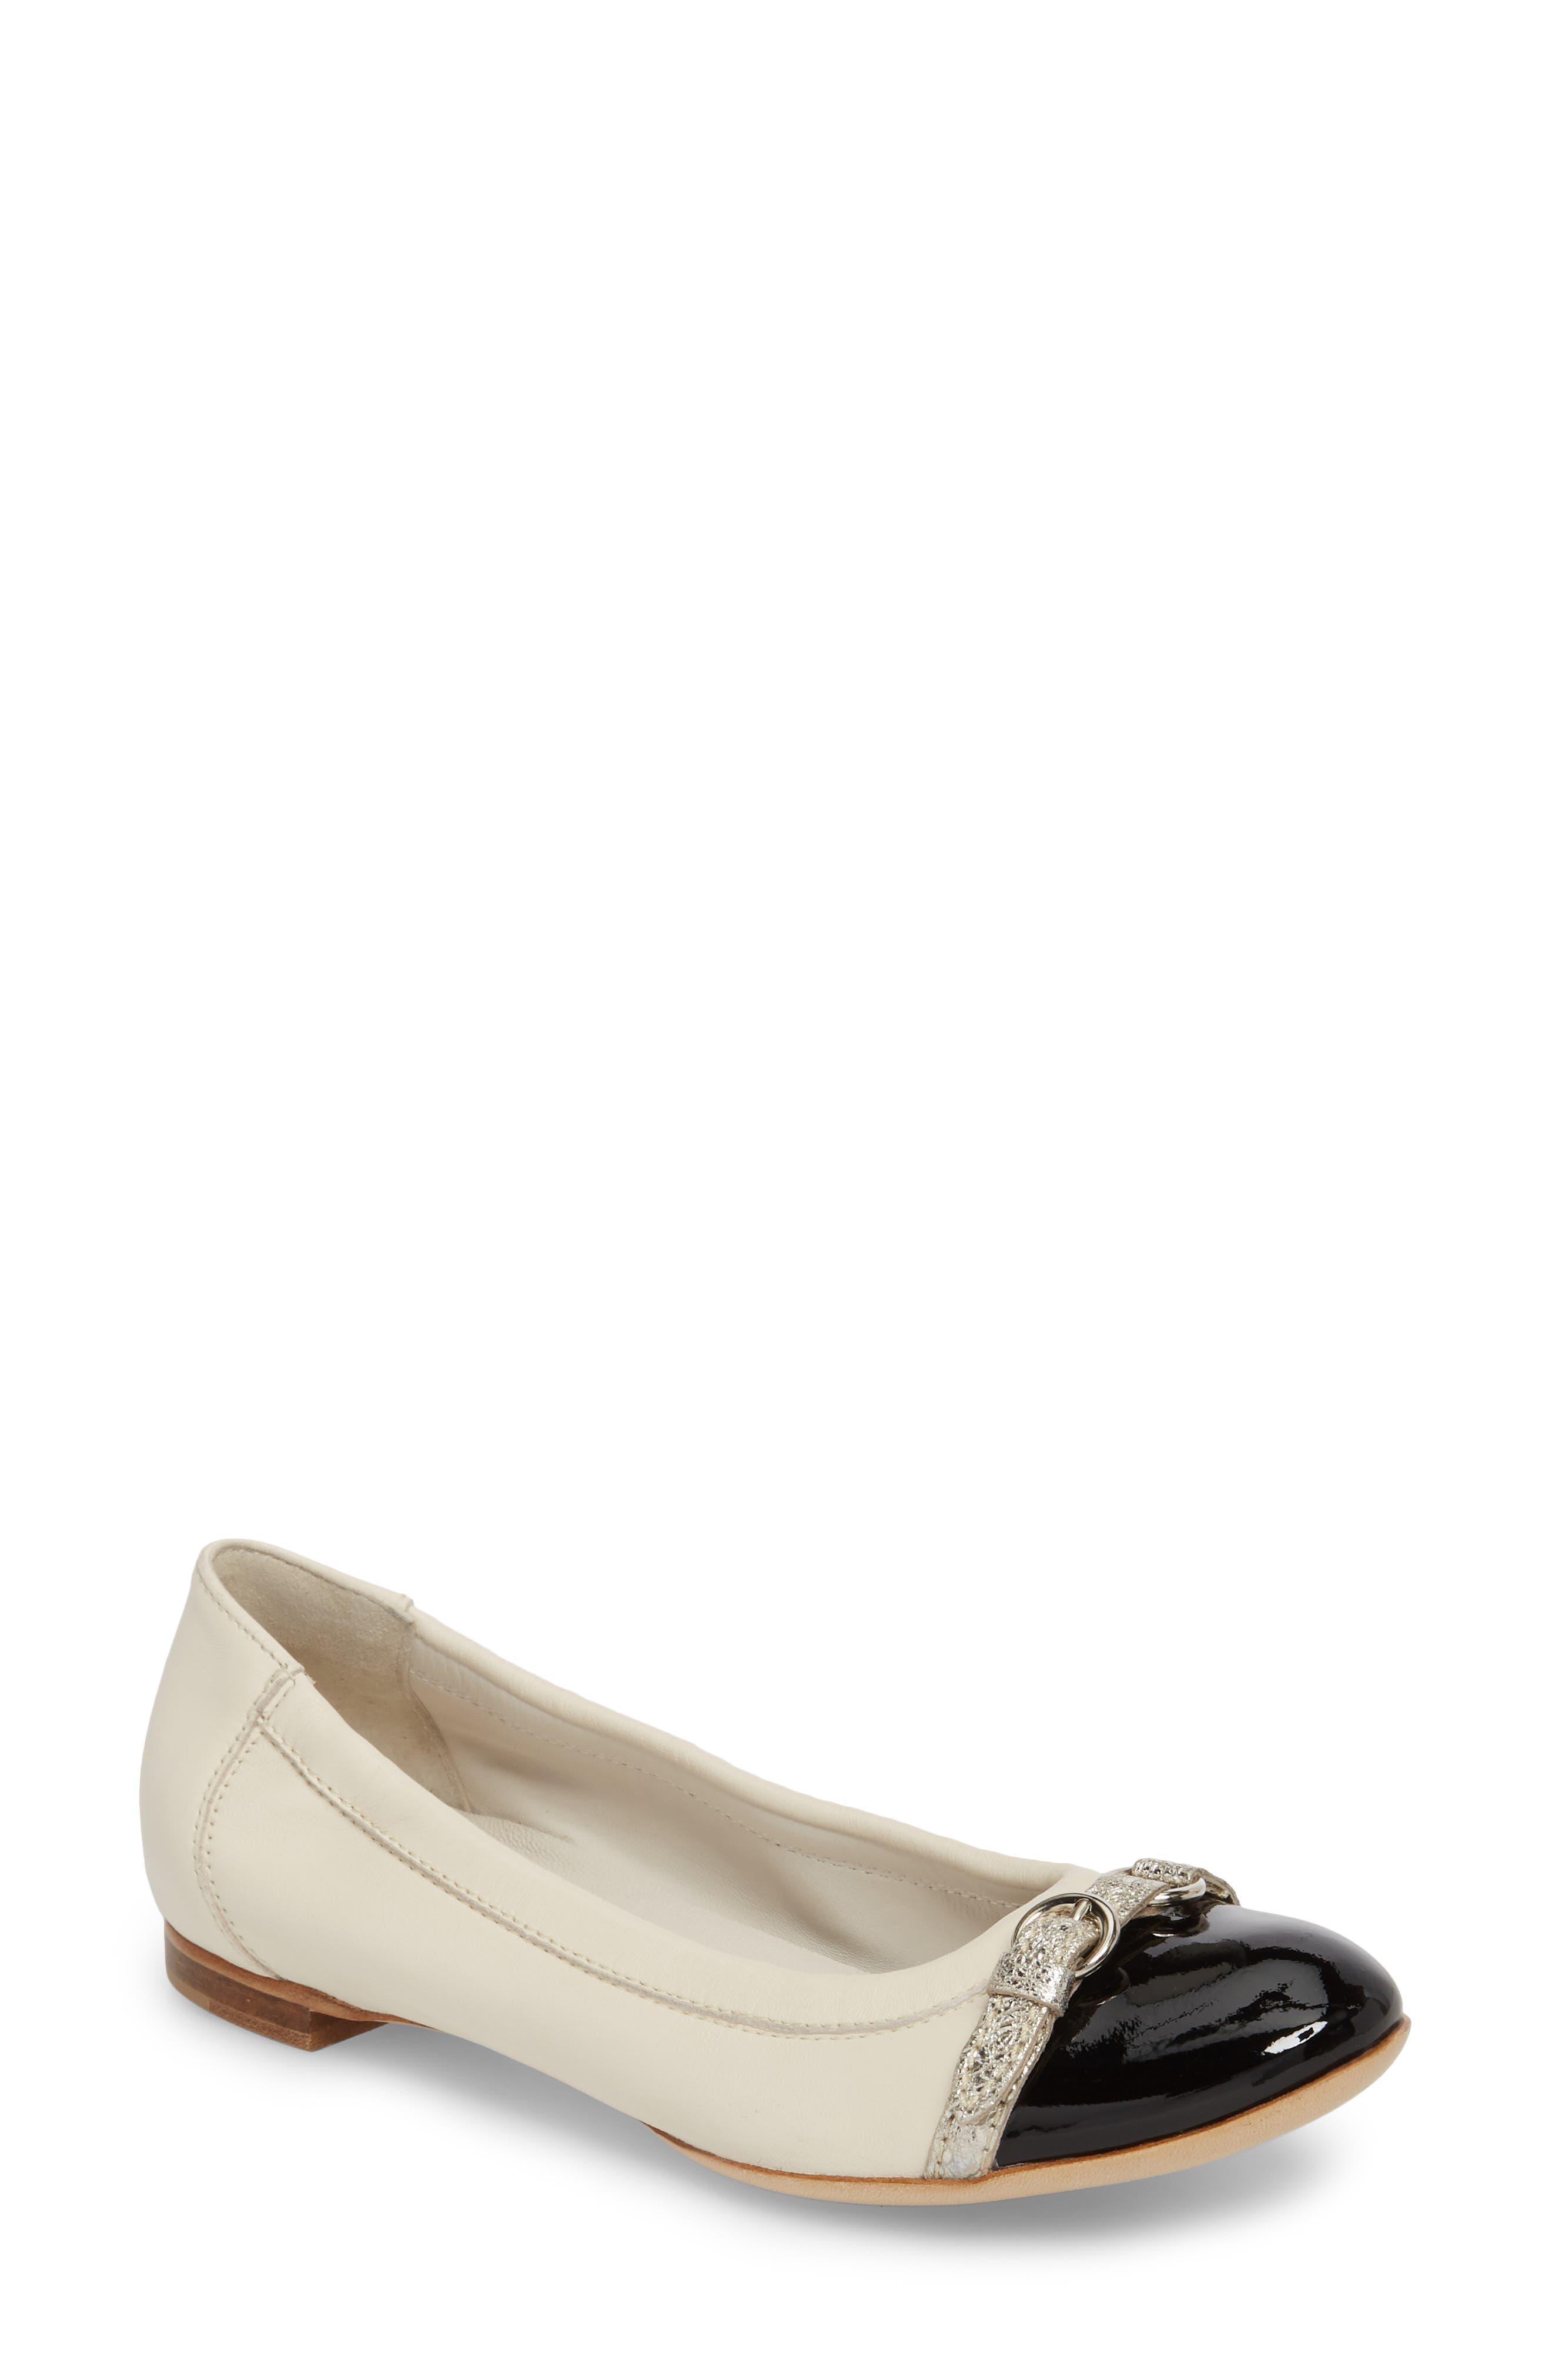 Main Image - AGL Cap Toe Ballet Flat (Women)